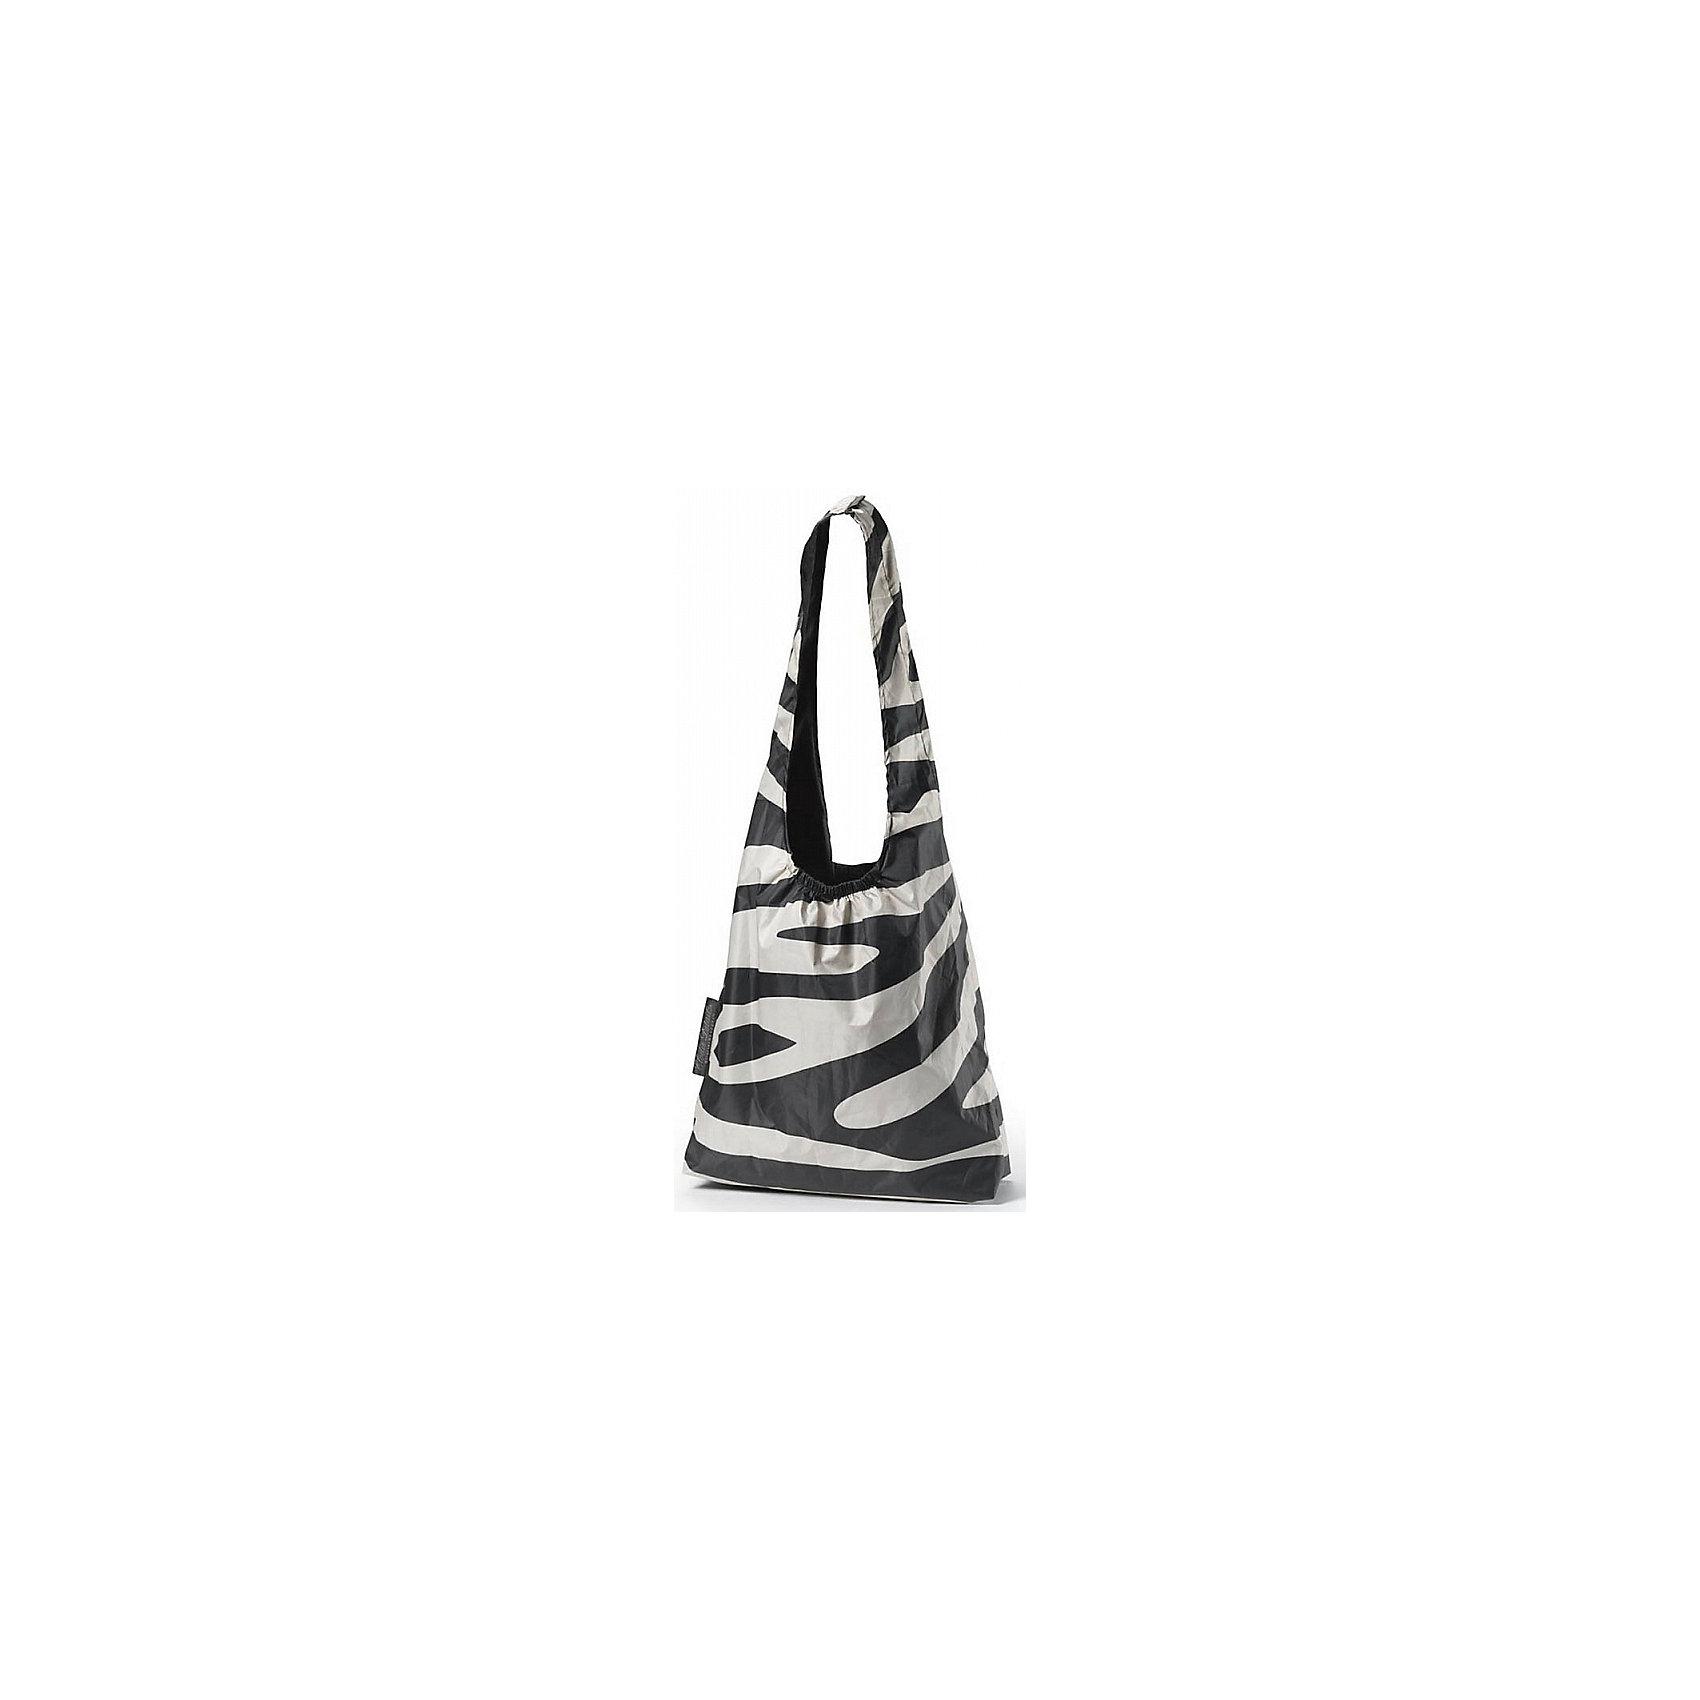 Elodie Details Сумка Zebra Sunshine Stroller Shopper, Elodie Details москитная сетка для коляски elodie details zebra sunshine